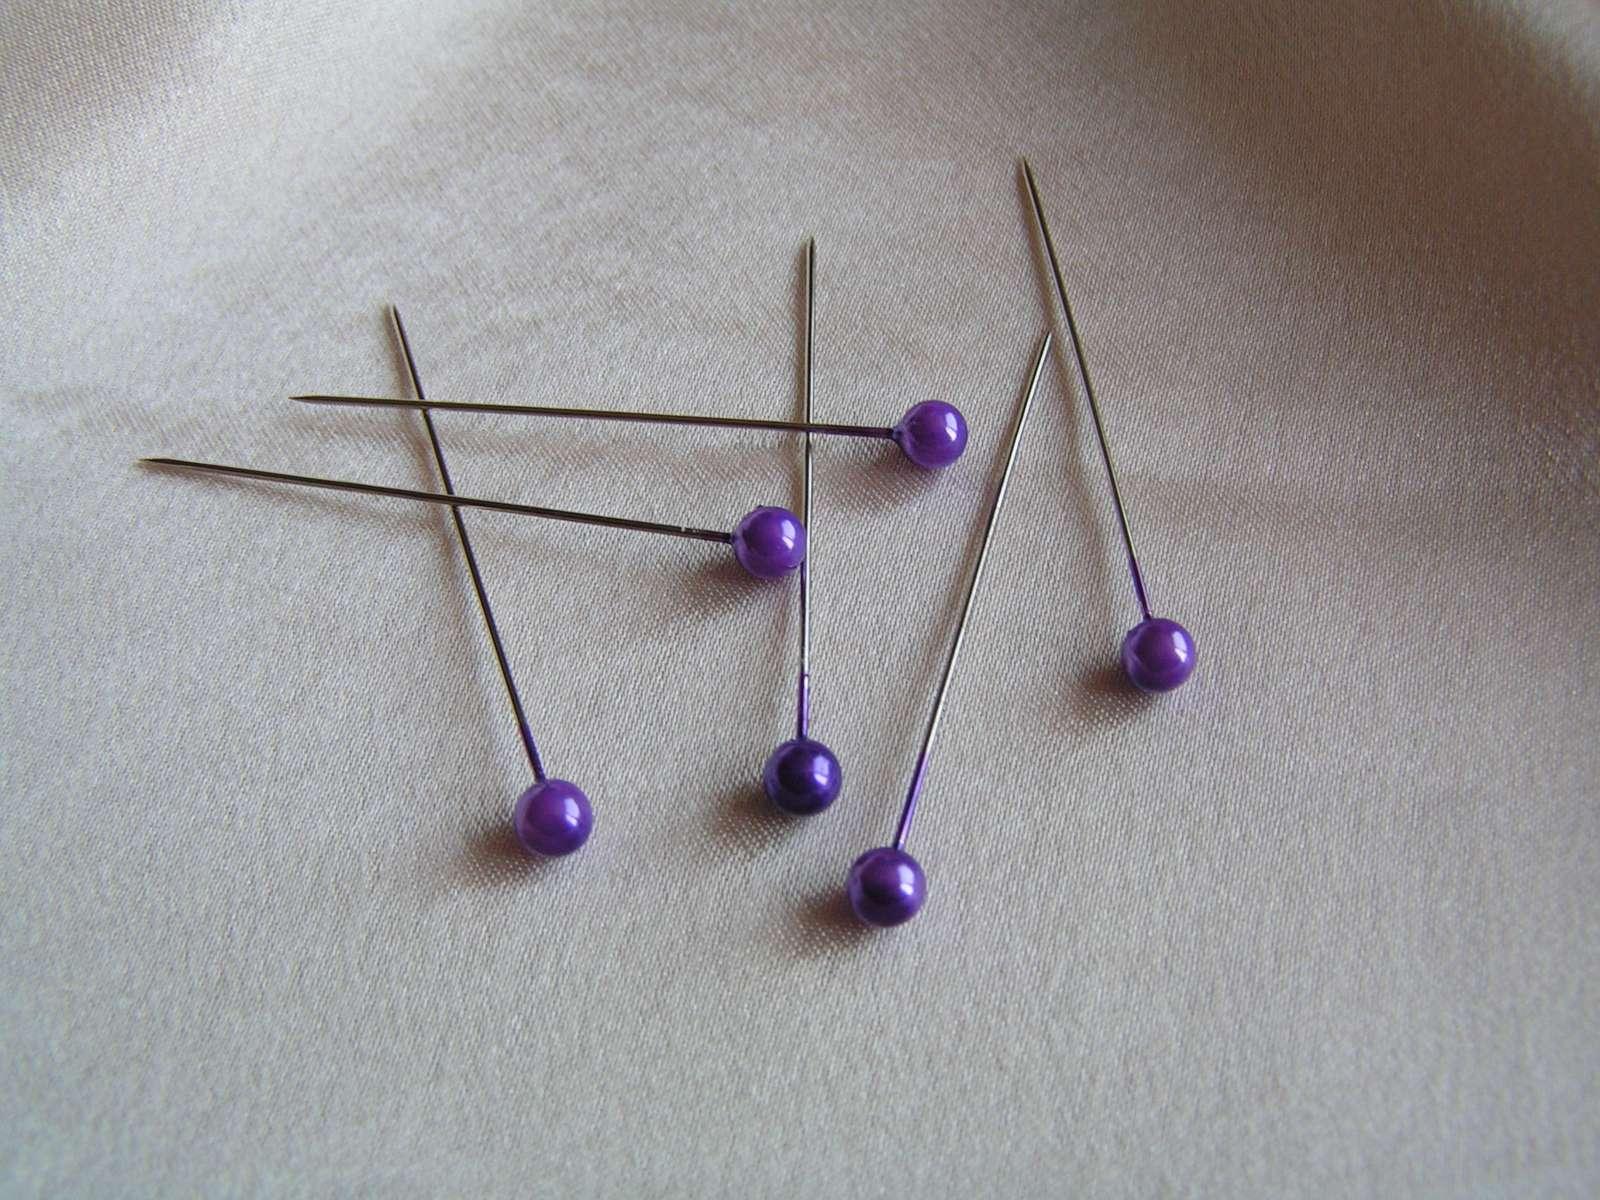 Velké fialové špendlíky - Obrázek č. 1